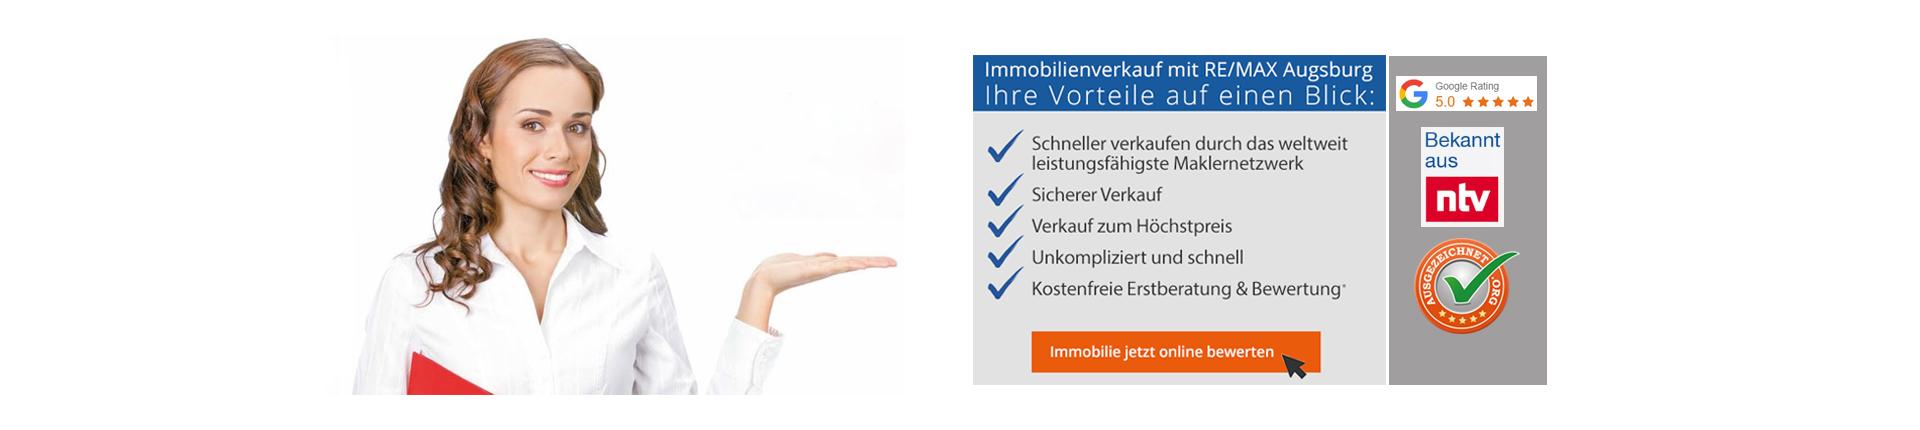 Immobilienmakler_Augsburg_Leistungsübersicht_Vorteile